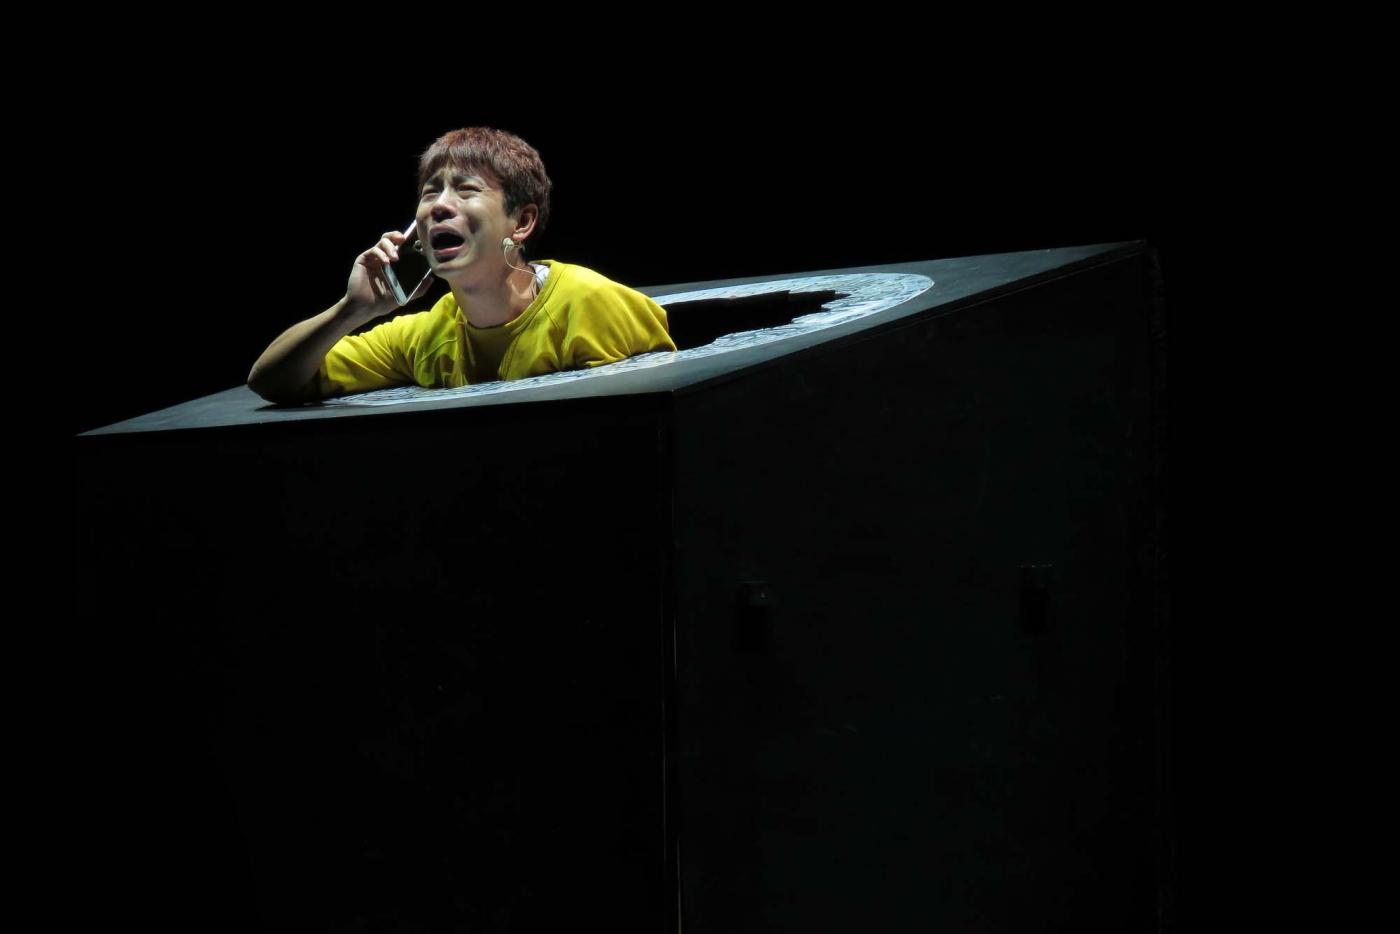 【达威】逆光下的舞台摄影_图1-5